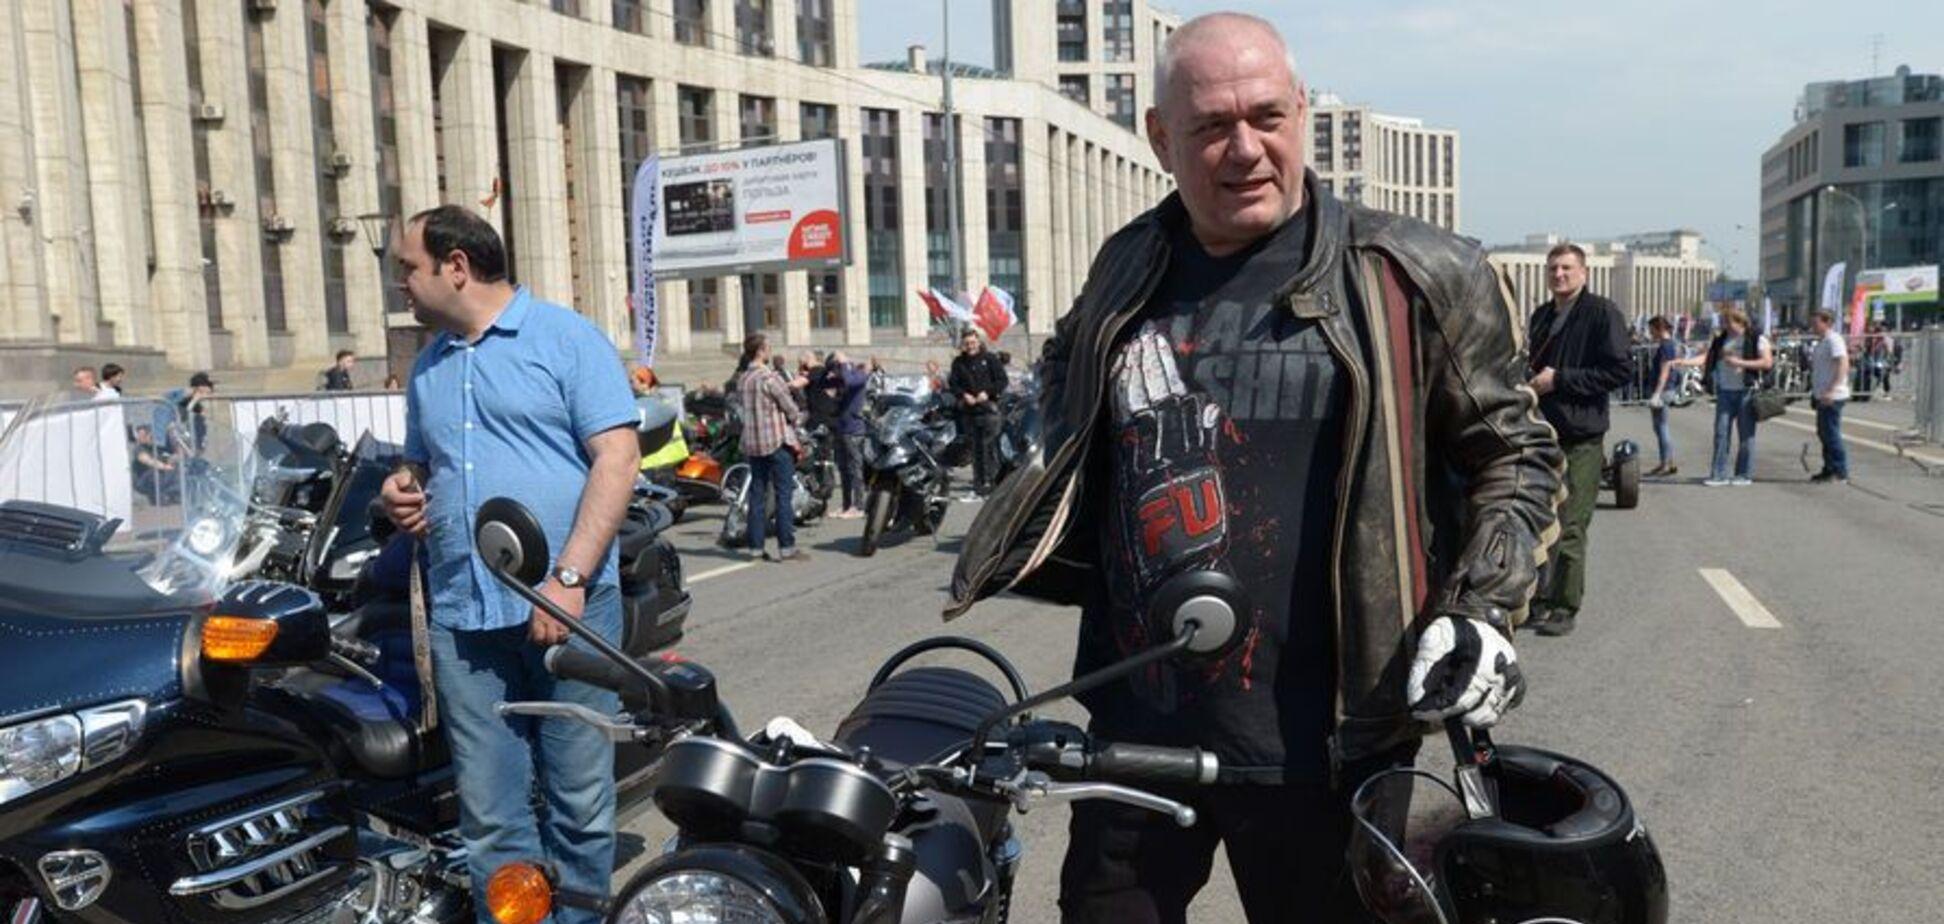 Хотів посадити Путіна в клітку: журналіст назвав суперечливі факти про Доренка